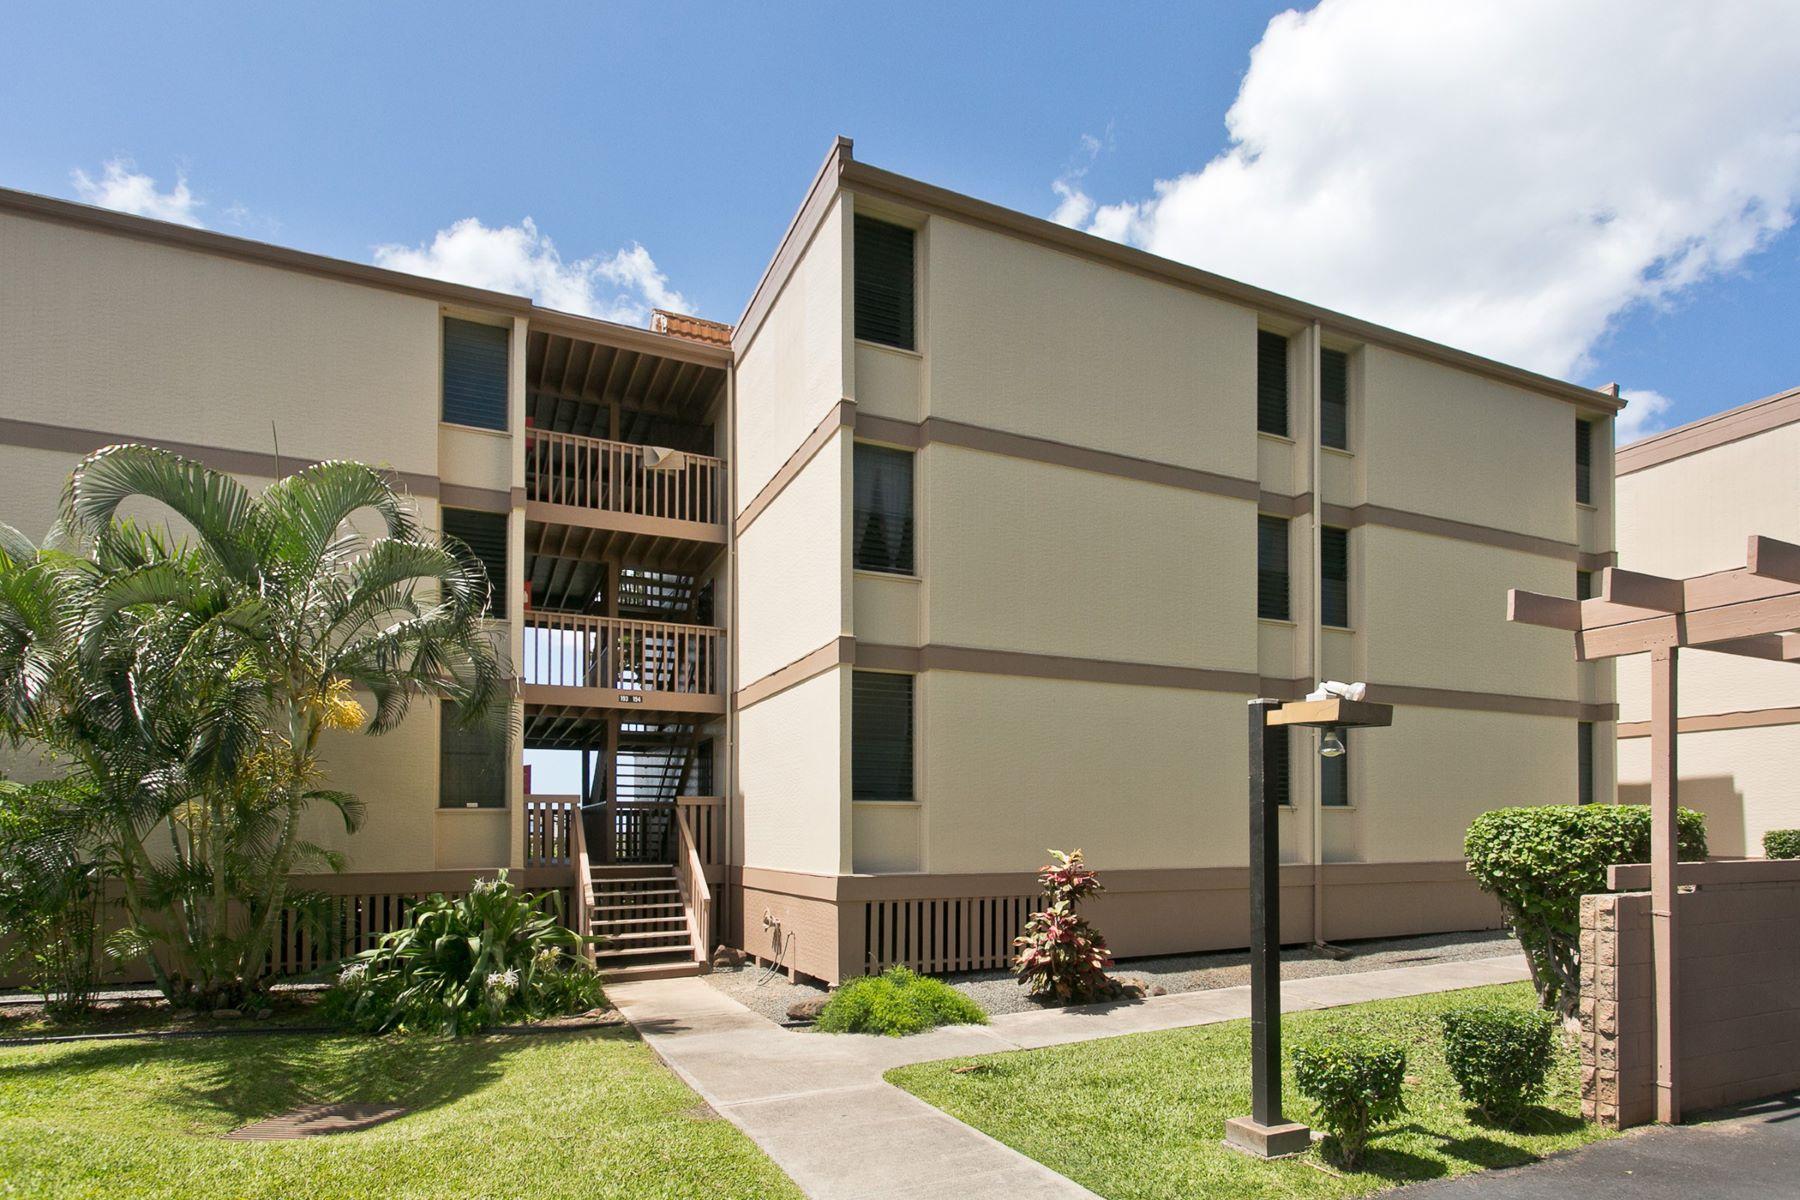 Townhouse for Sale at Makaha Living 84-664 Ala Mahiku St #194C Makaha, Waianae, Hawaii, 96792 United States